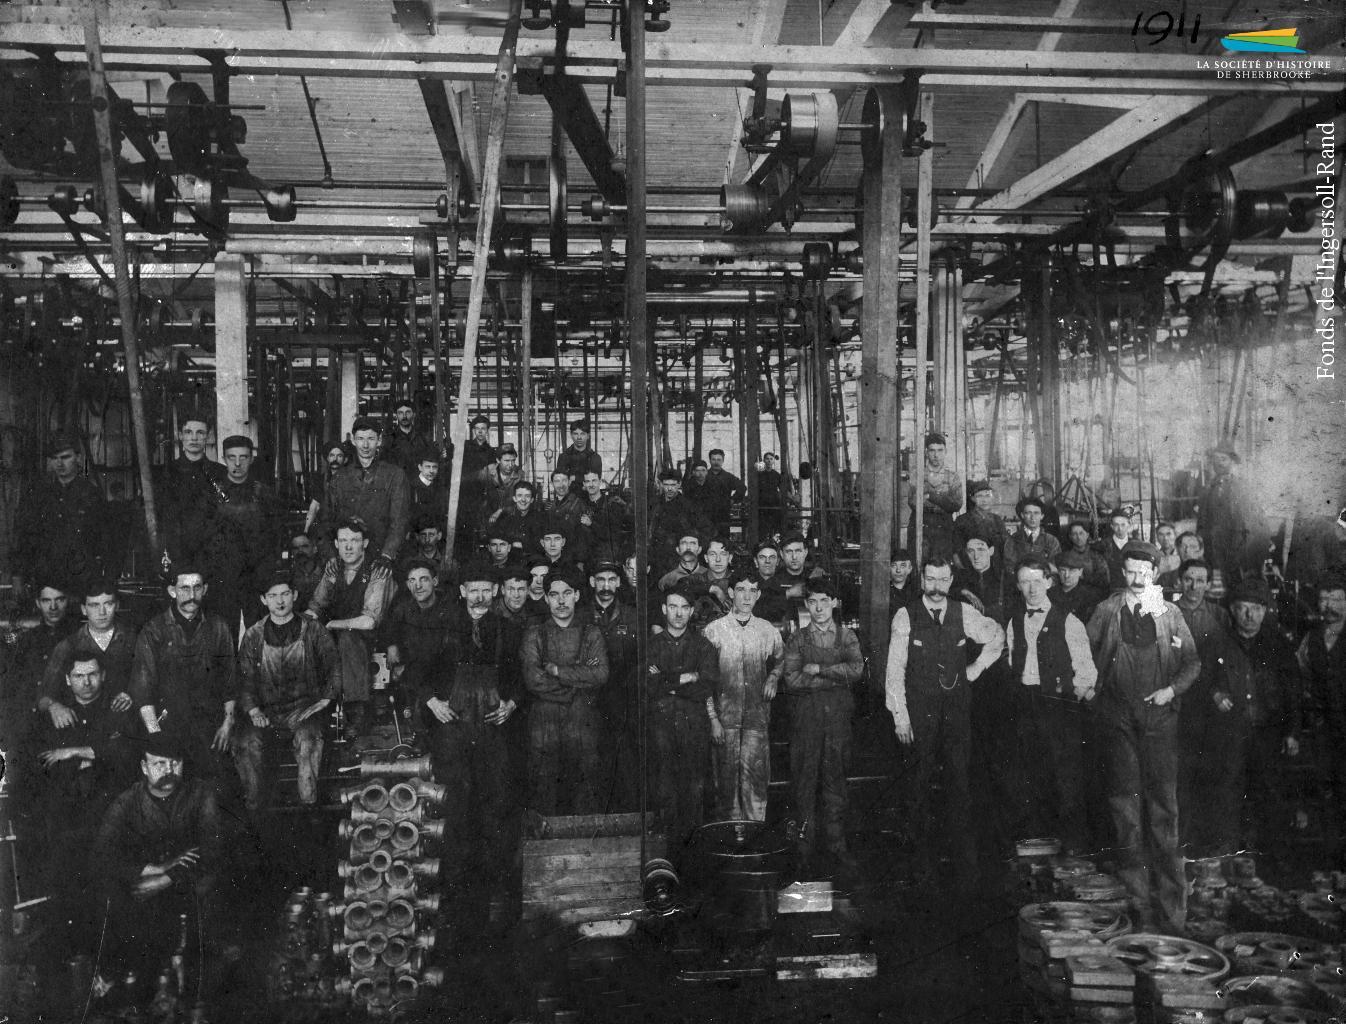 Des employés de la <em>Rand</em> à l'intérieur de l'usine, en 1911.